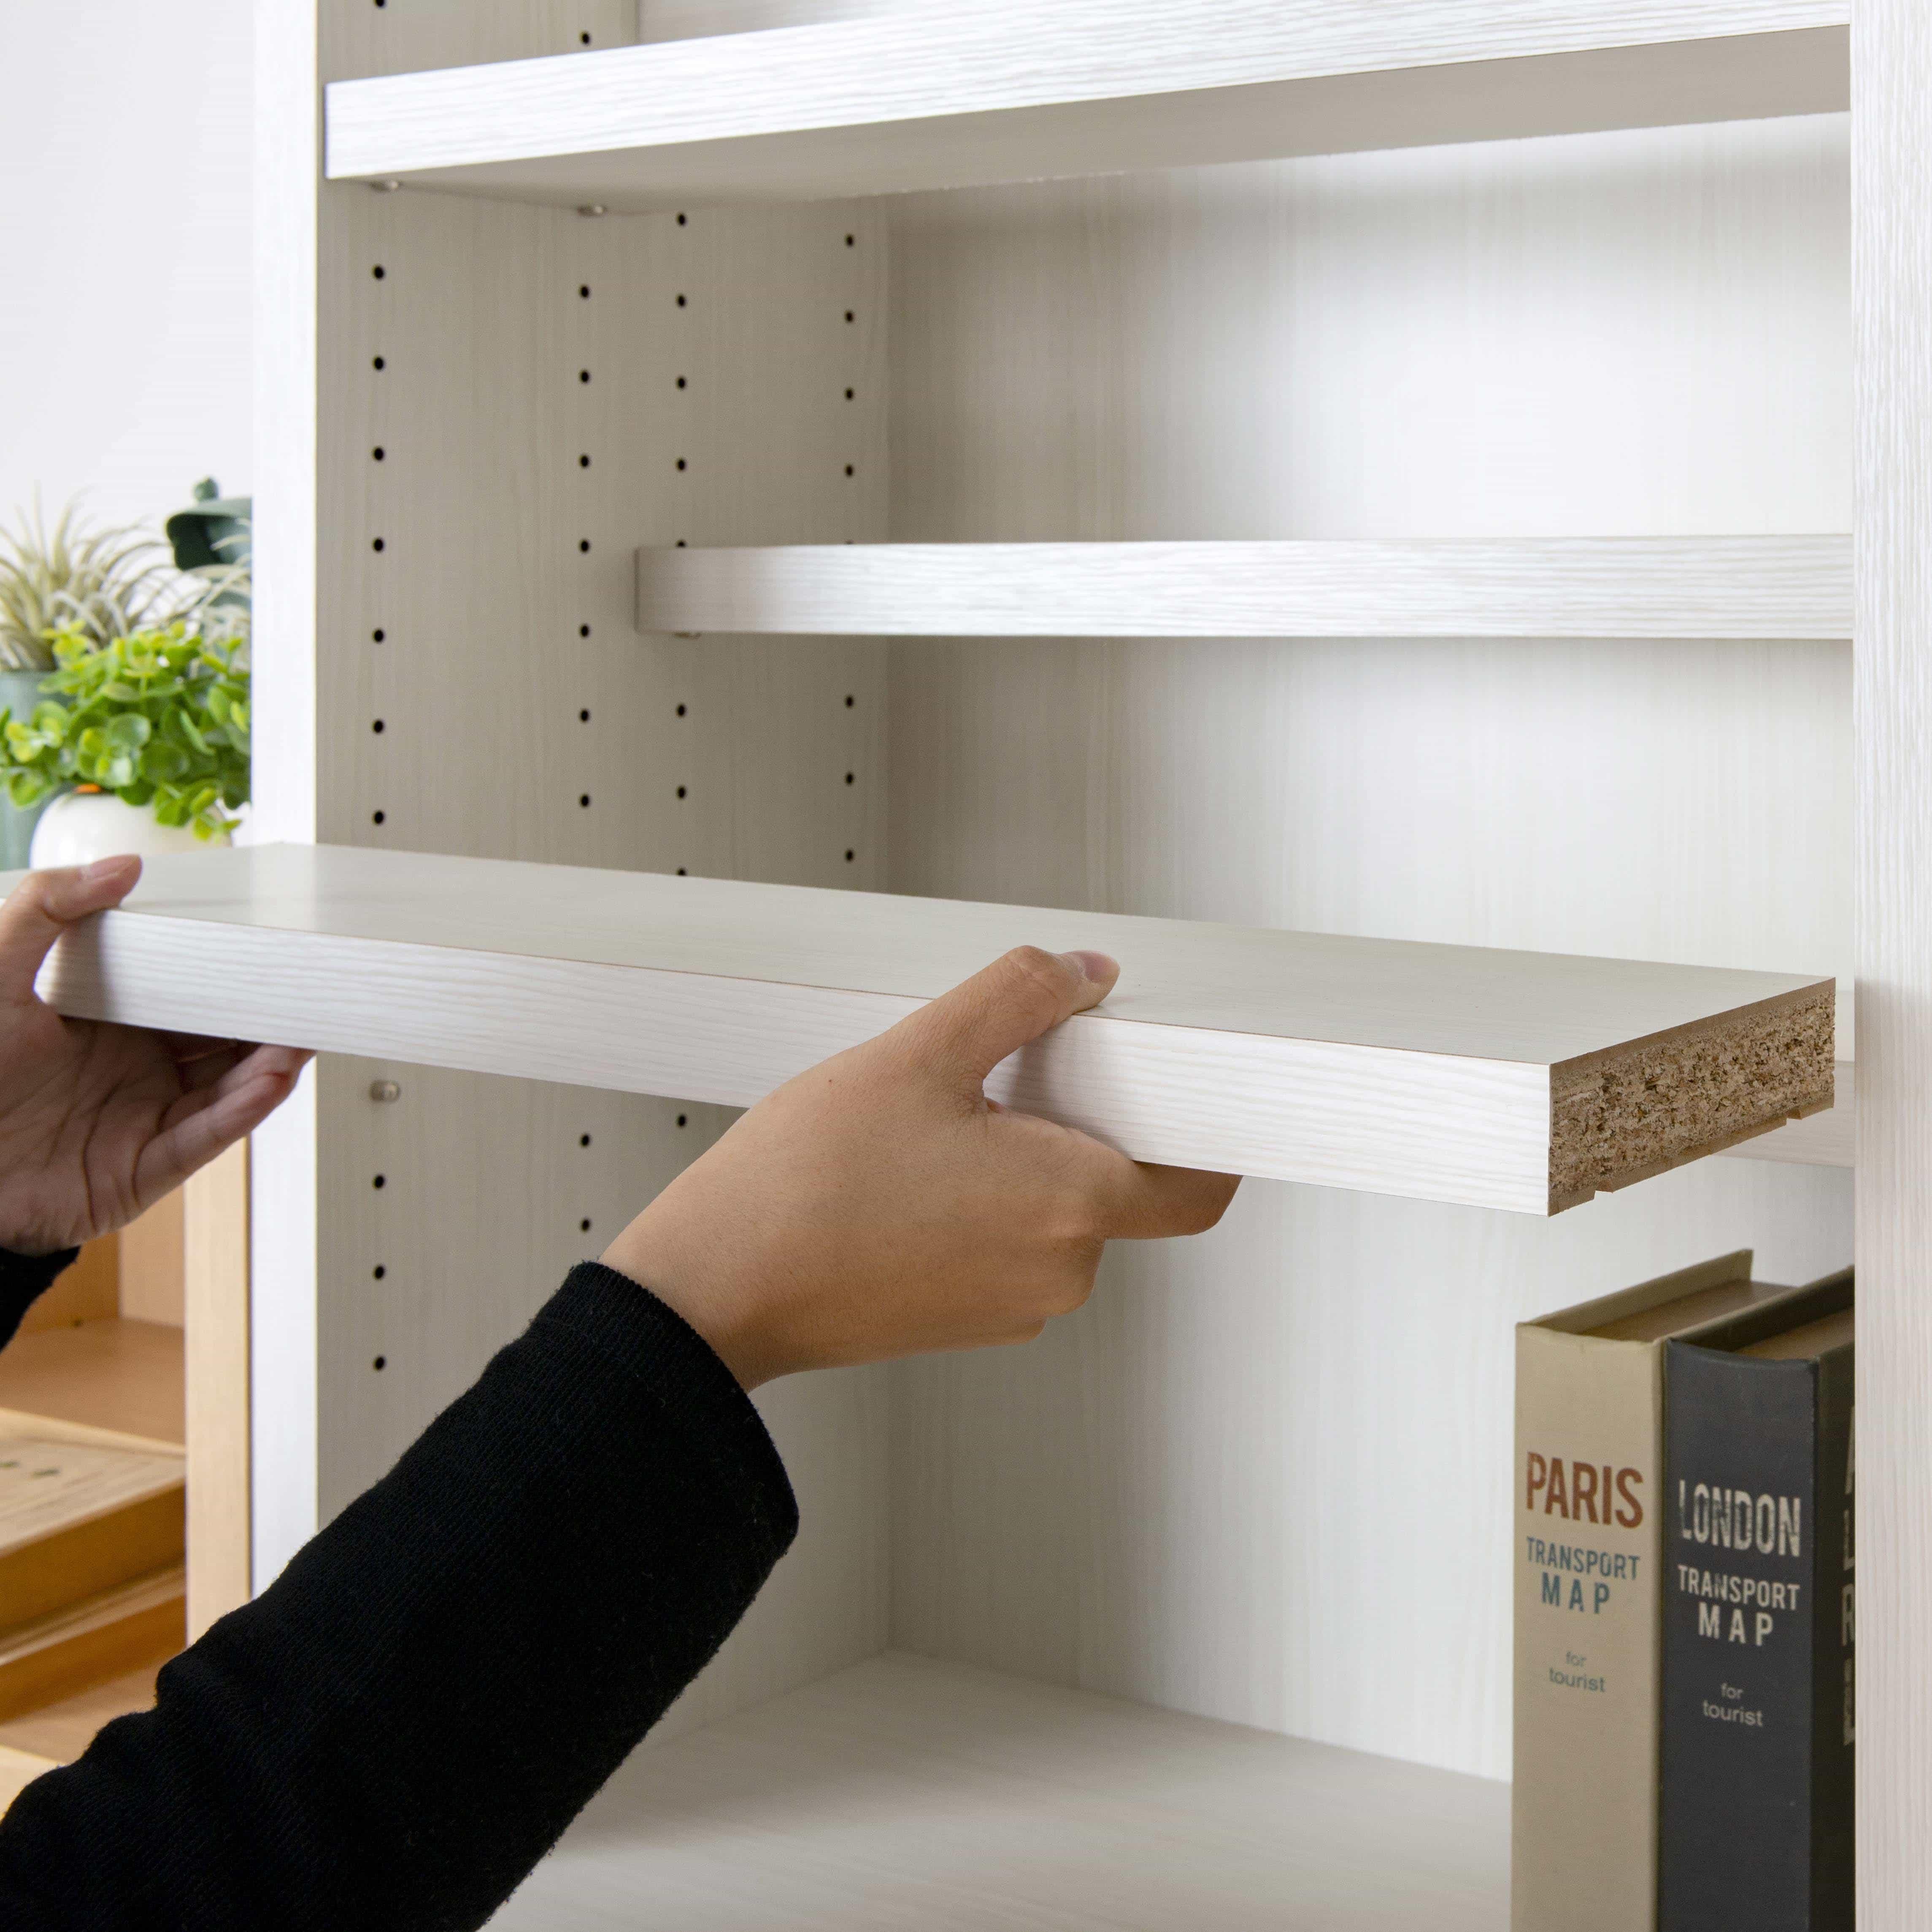 書棚 スカーラ 40Hフリーボード (ダークブラウン):追加で棚板の注文も可能